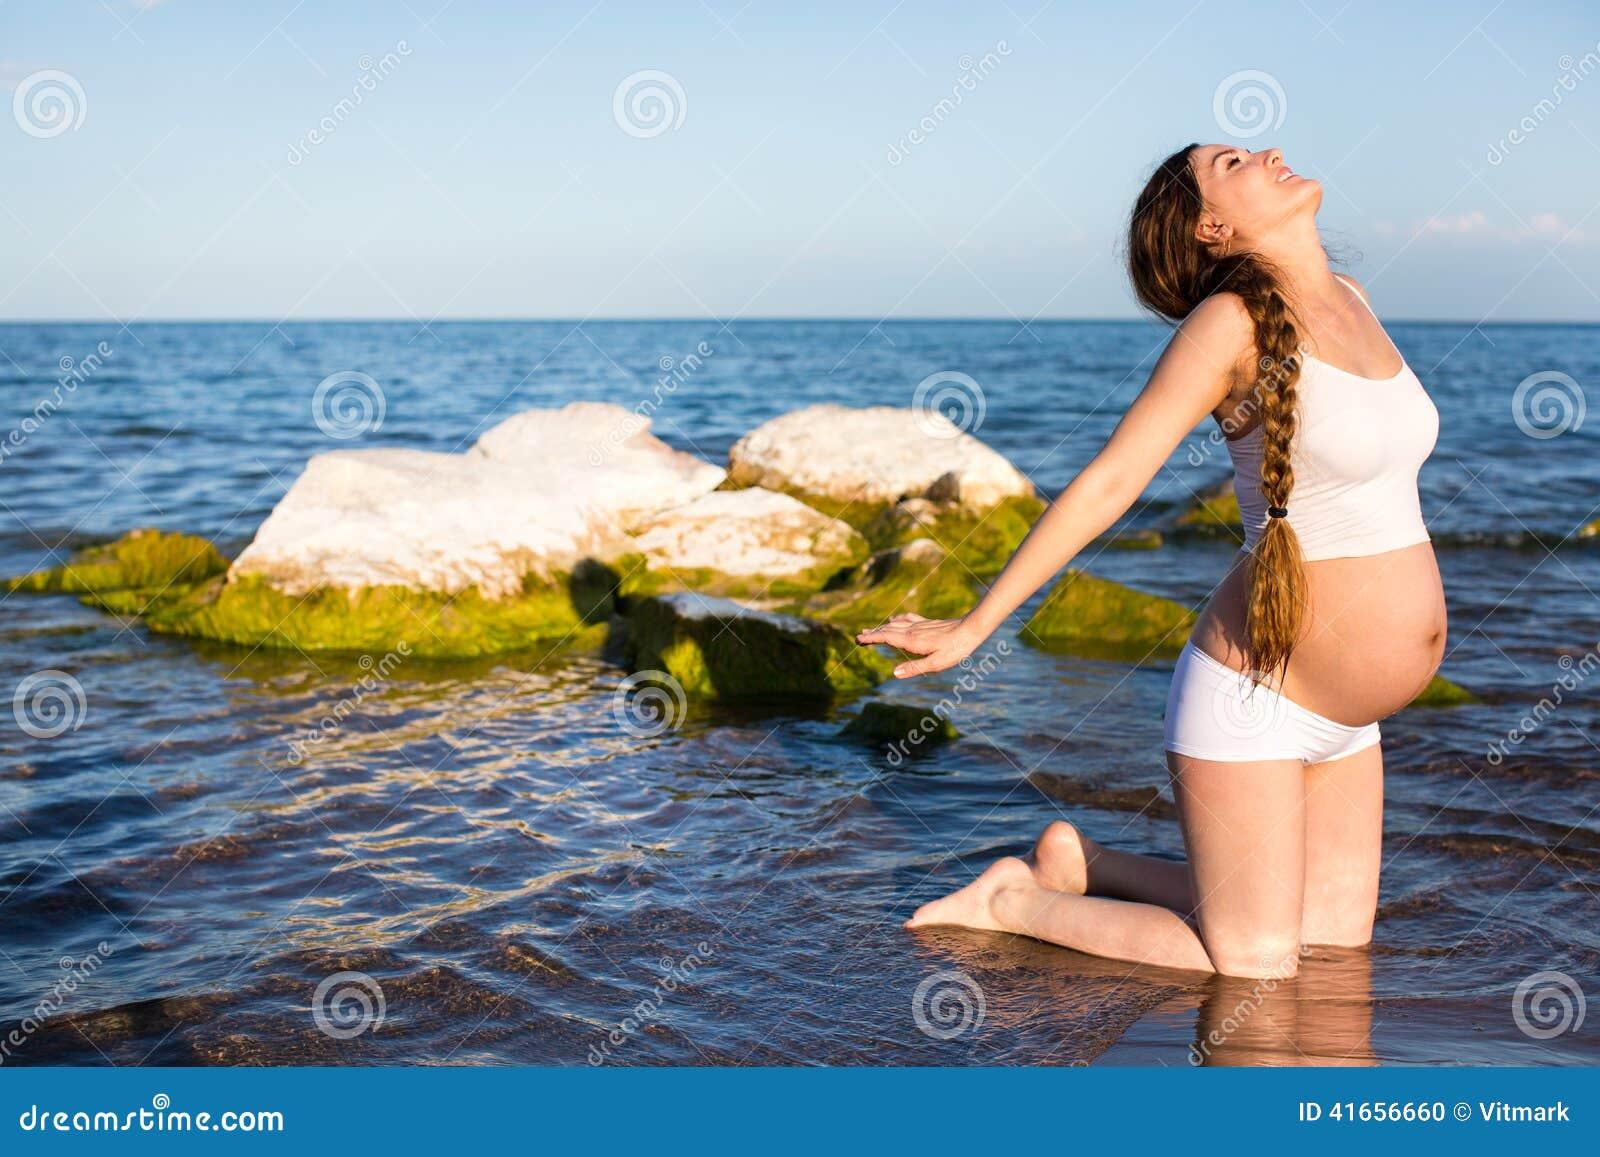 Беременная женщина в бюстгальтере спортов делая тренировку в релаксации на представлении йоги на море